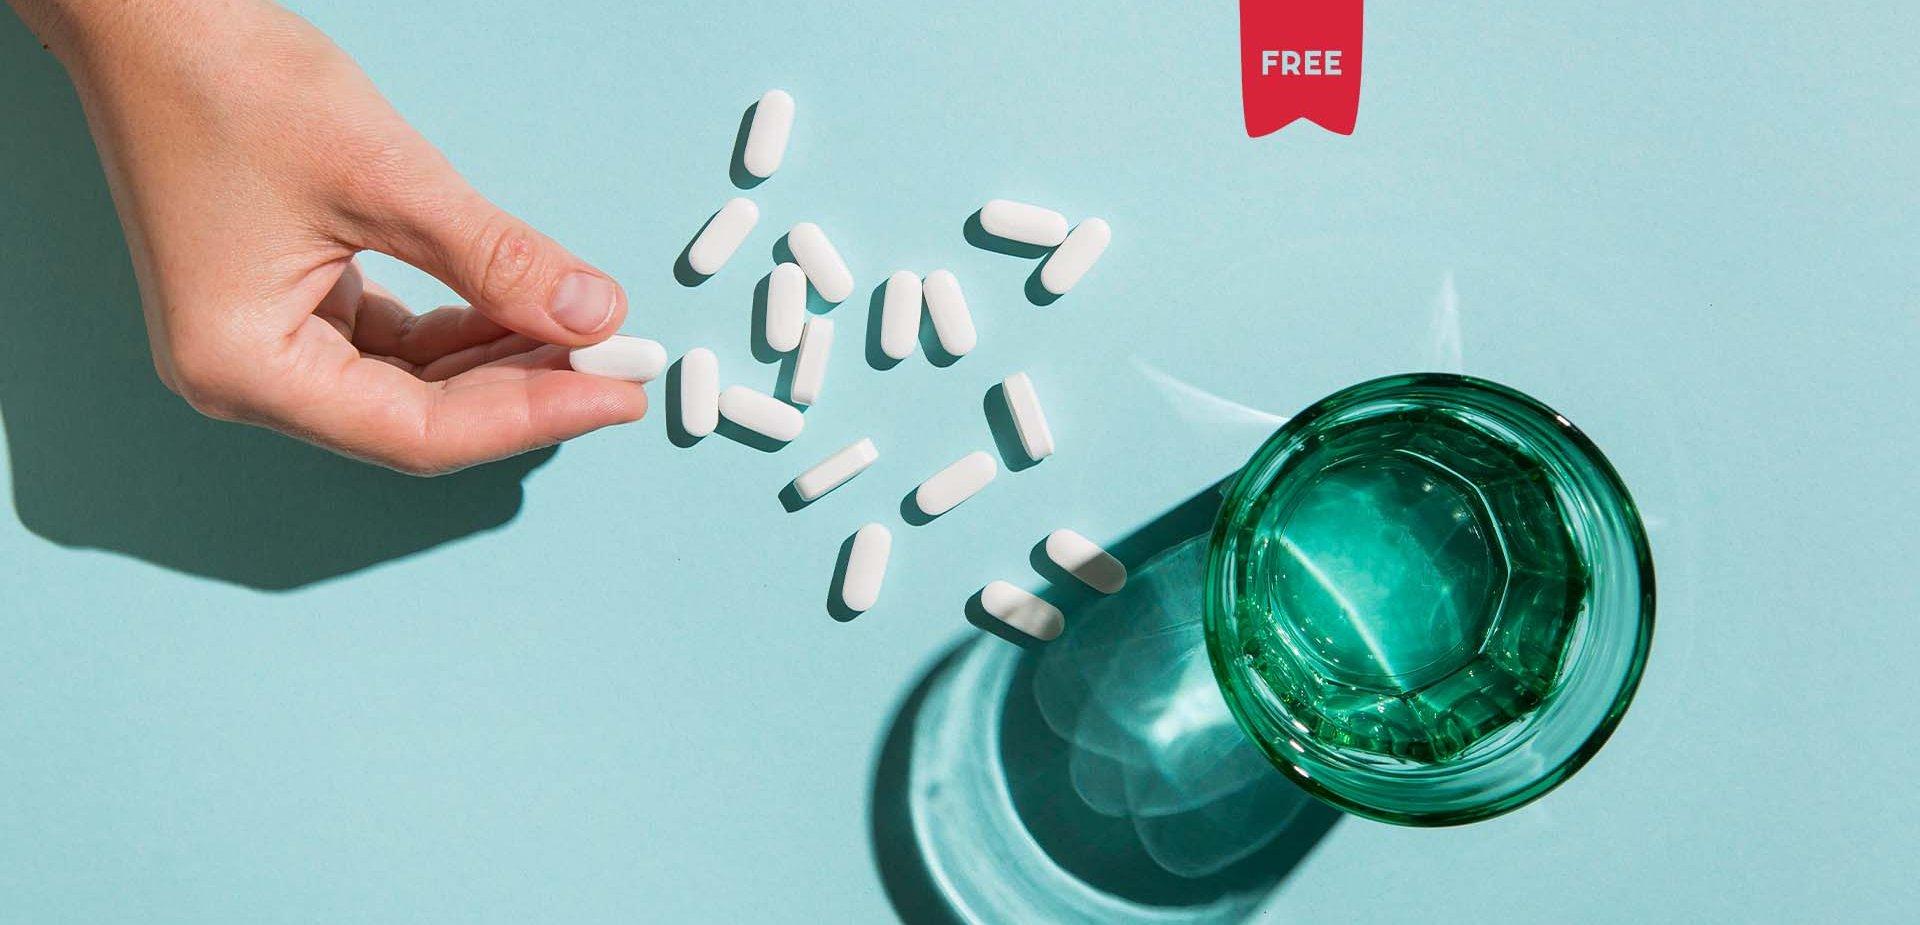 Farmacologia local: anti-inflamatórios não esteróides (AINES)